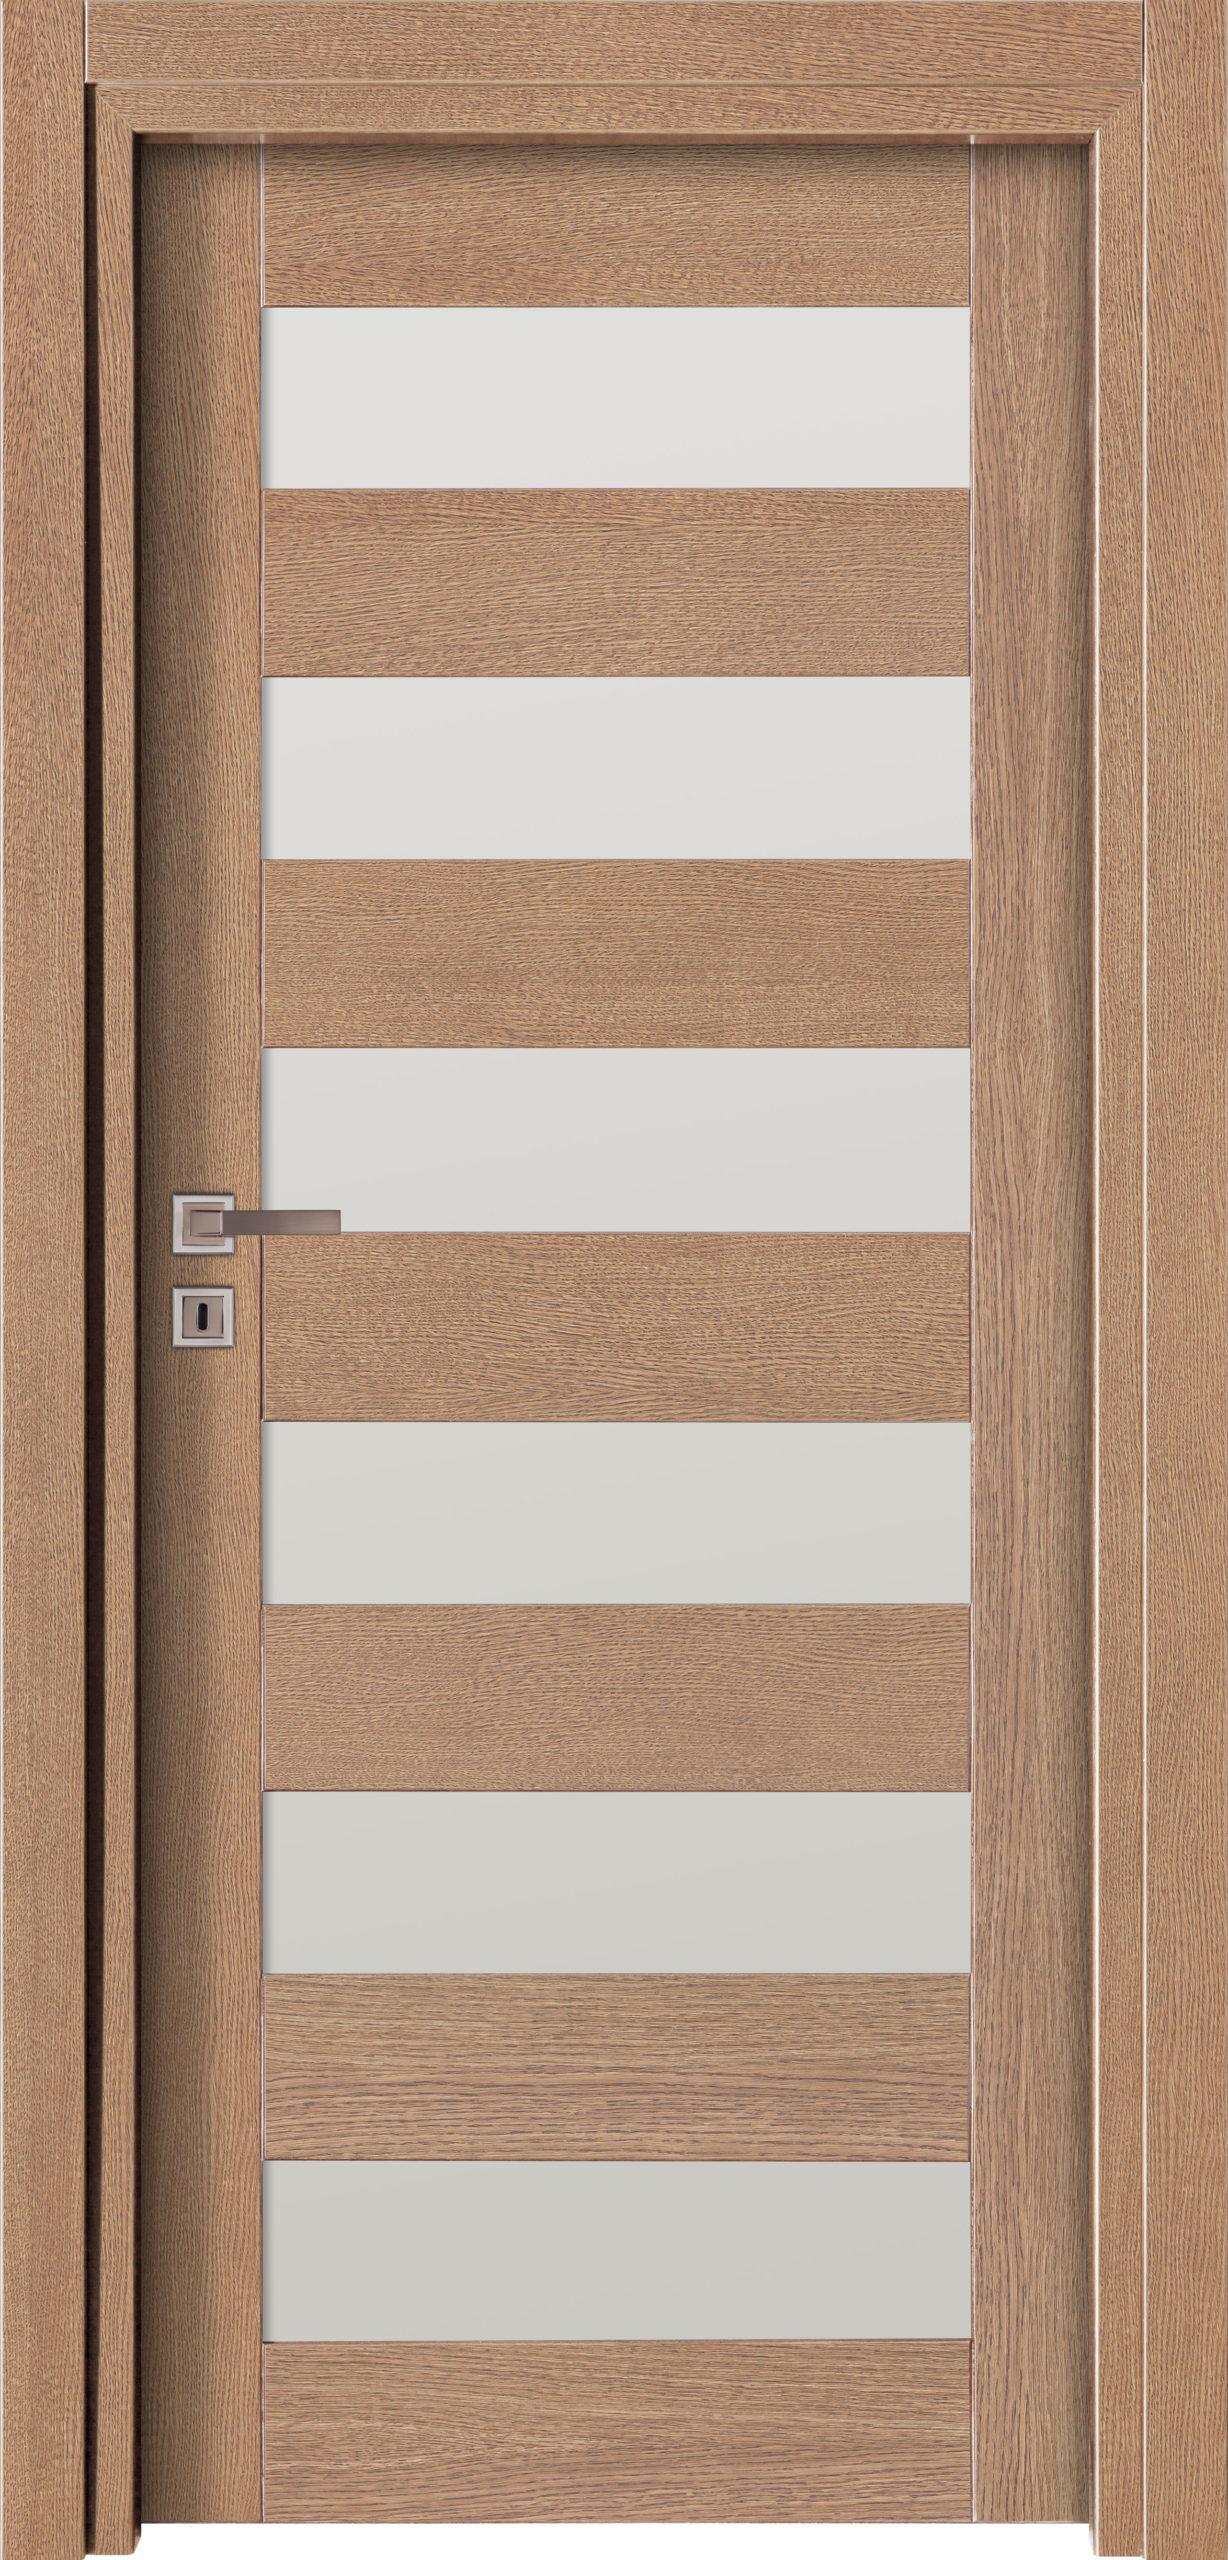 Vigo A7 - jesion - szary - szklenie lacomat bezpieczny - ościeżnica przylgowa regulowana drewniana prosta (IIa)